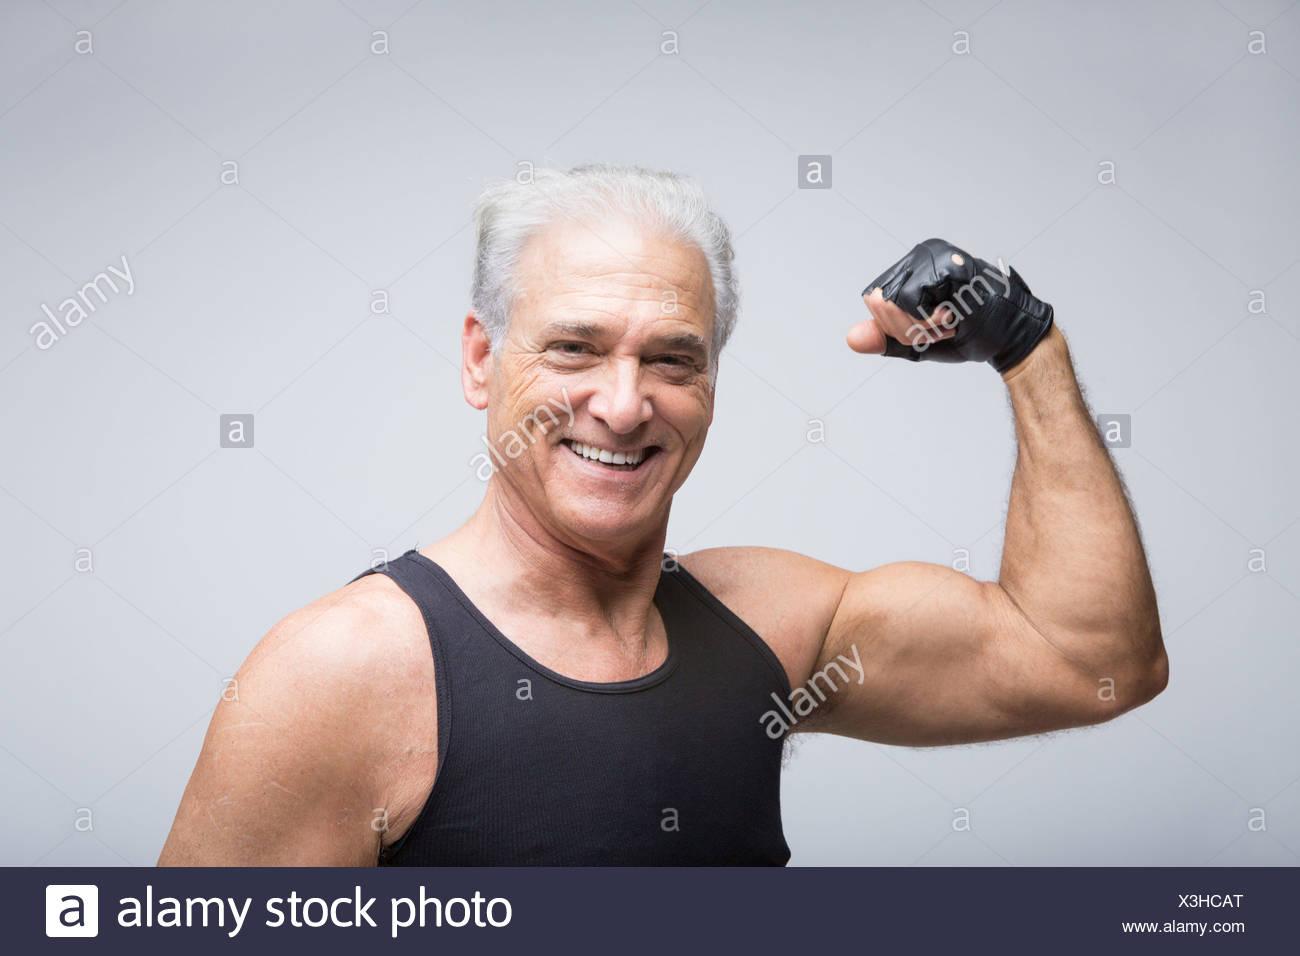 Senior man flexing muscle, portrait - Stock Image